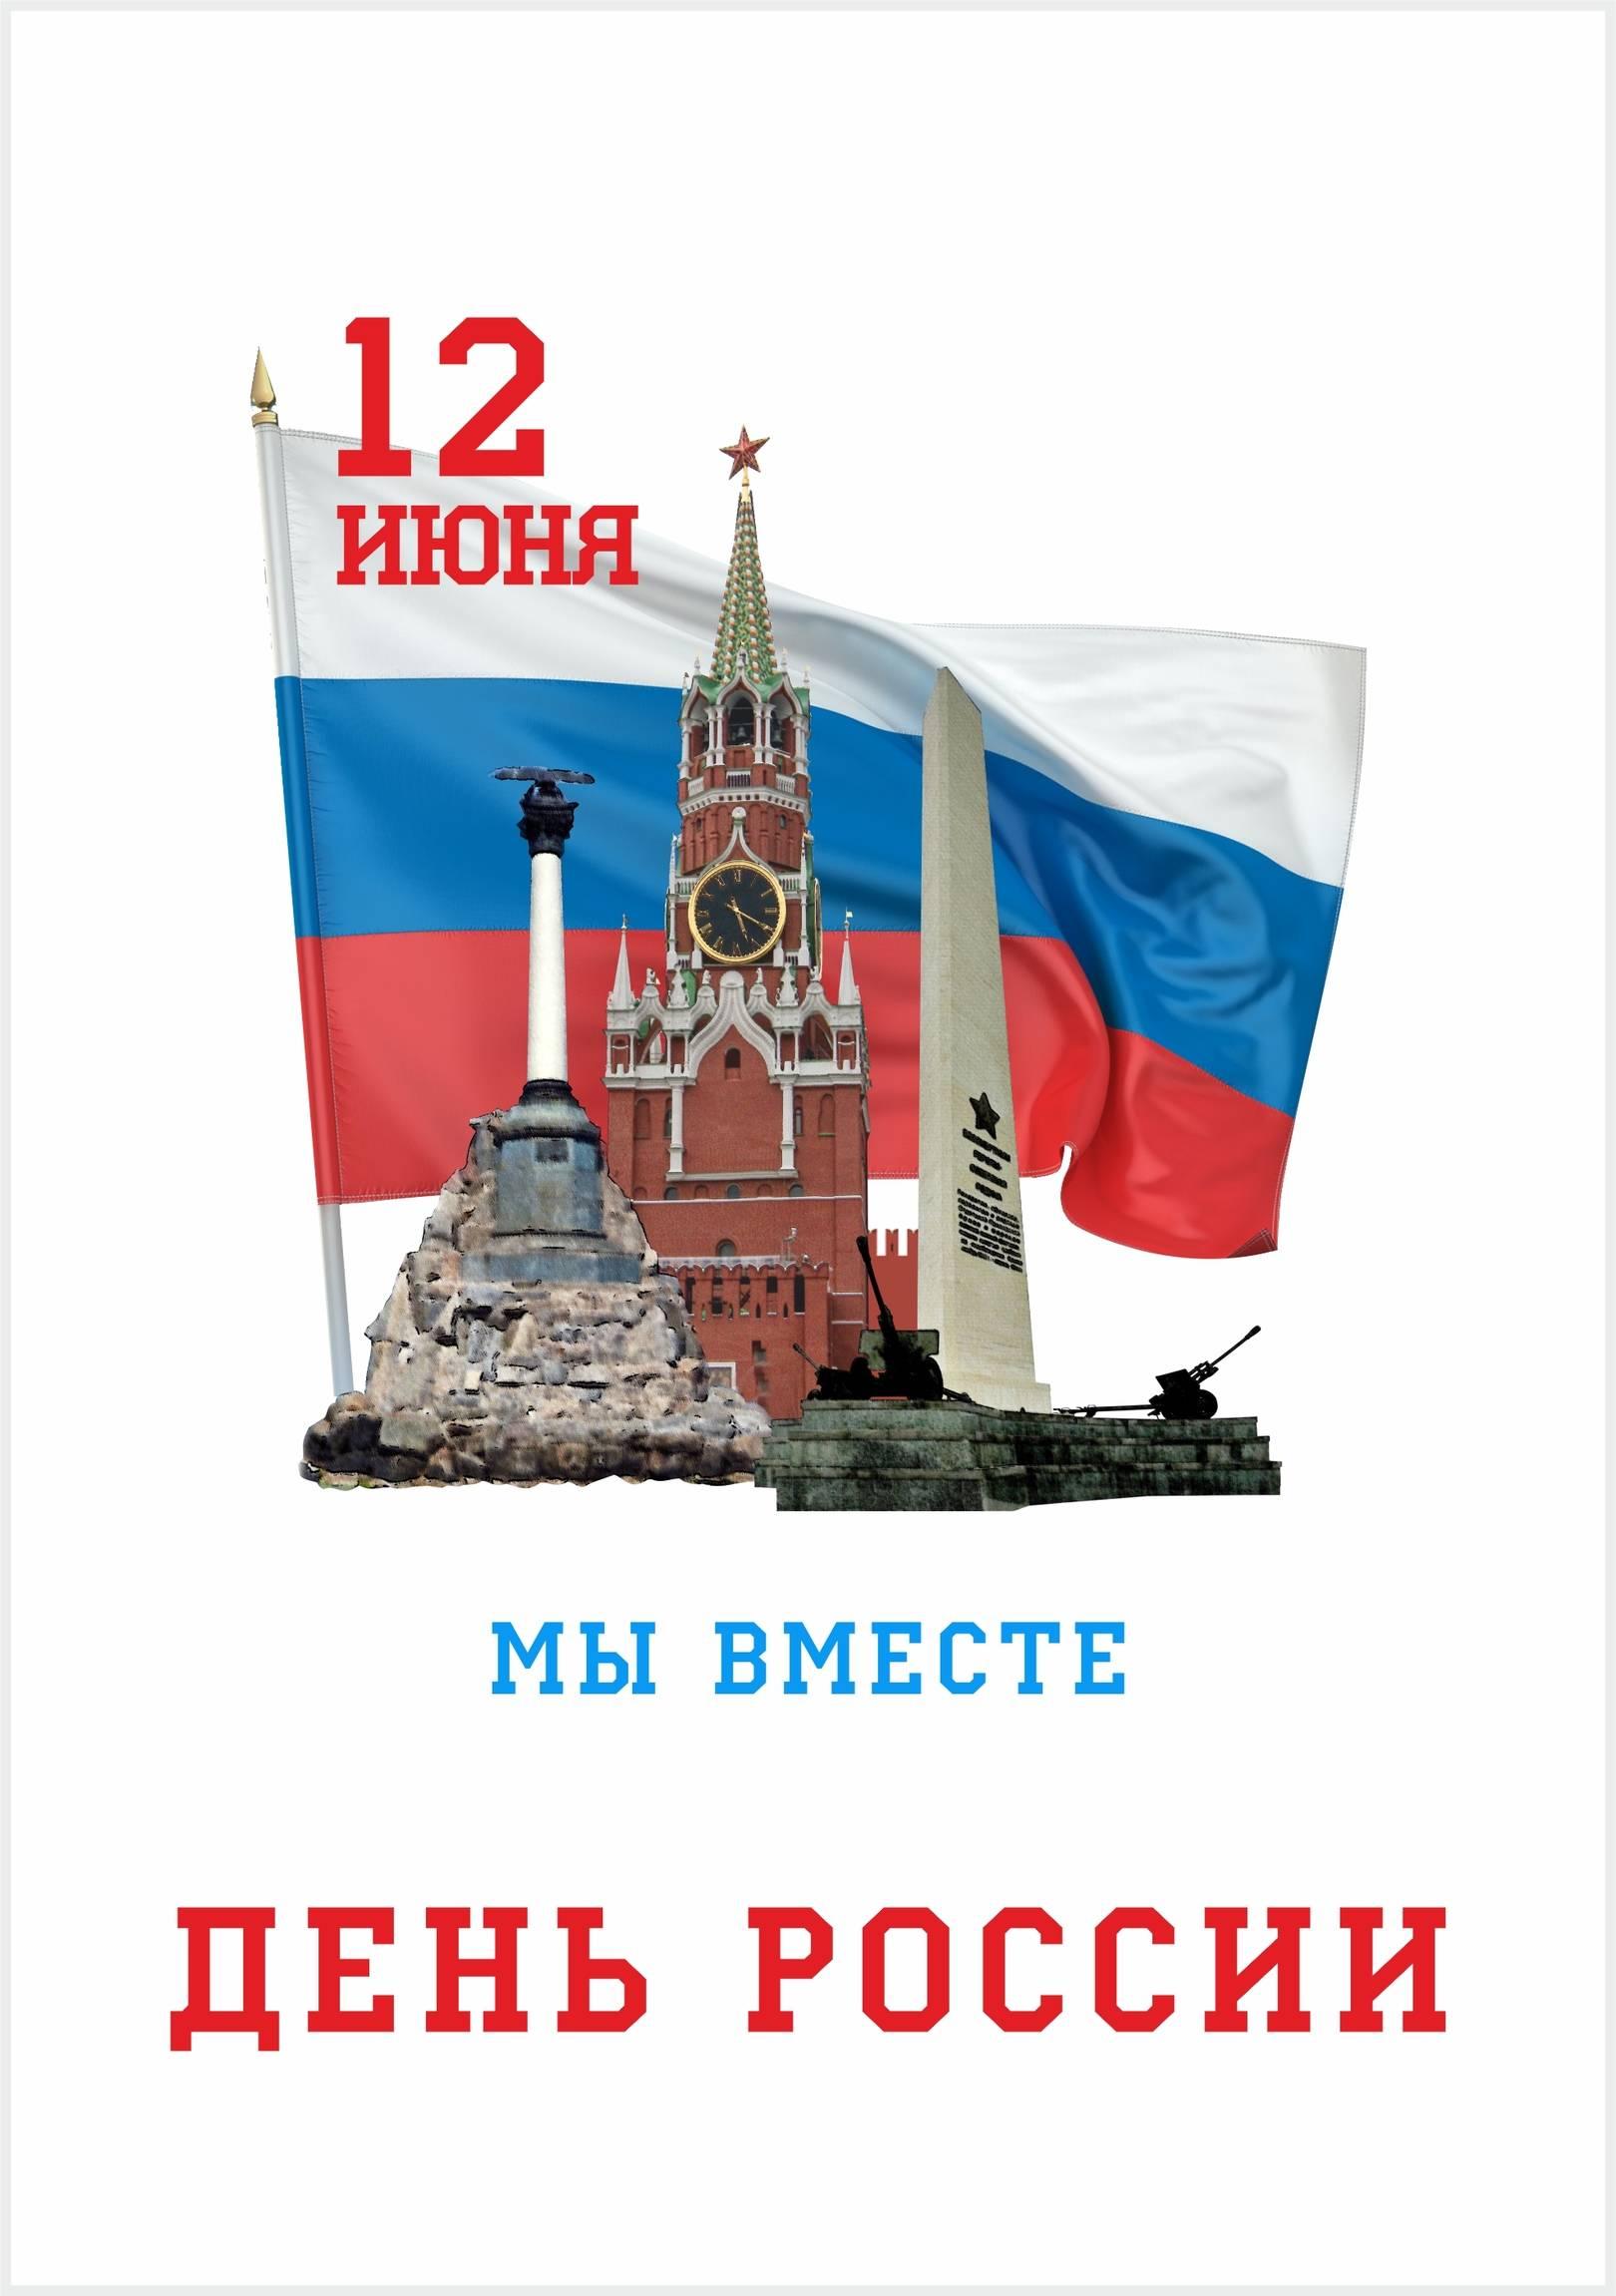 12 июня. Города-Герои Крыма, Севастополь и Керчь, на защите России.